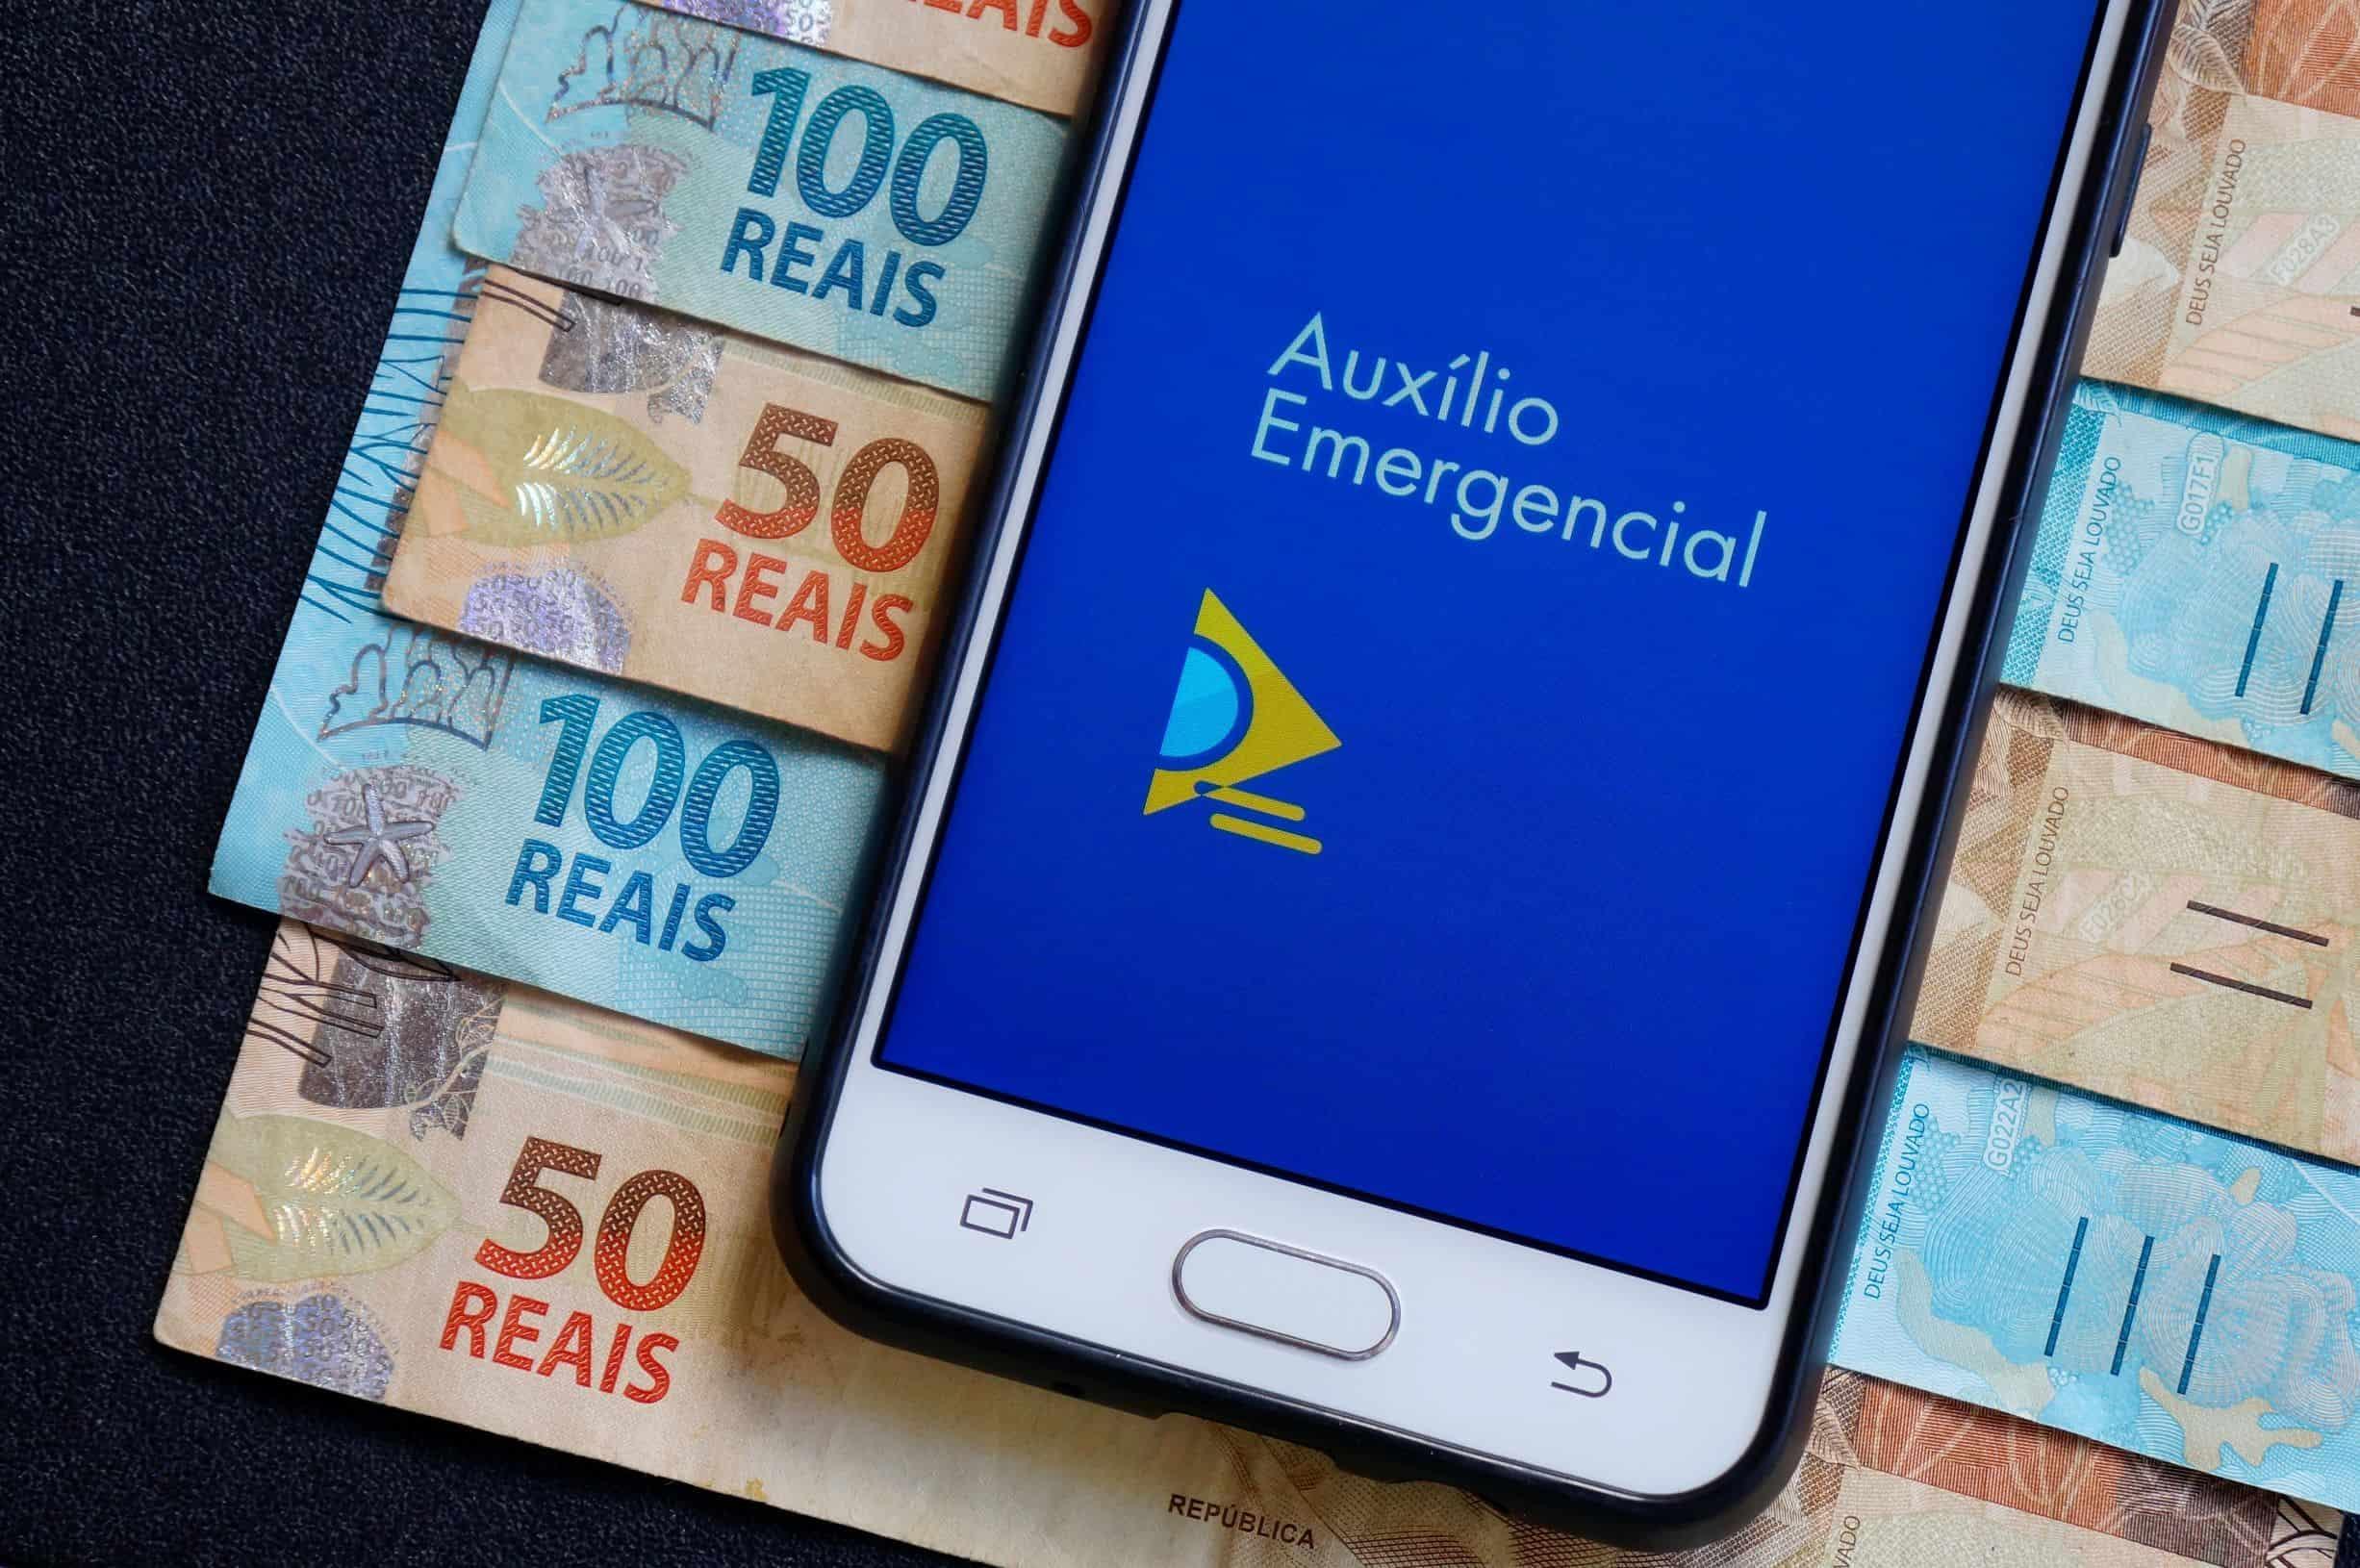 Caixa autoriza saque do Bolsa Família para mais um grupo nesta quarta-feira (21) (Imagem: Google)